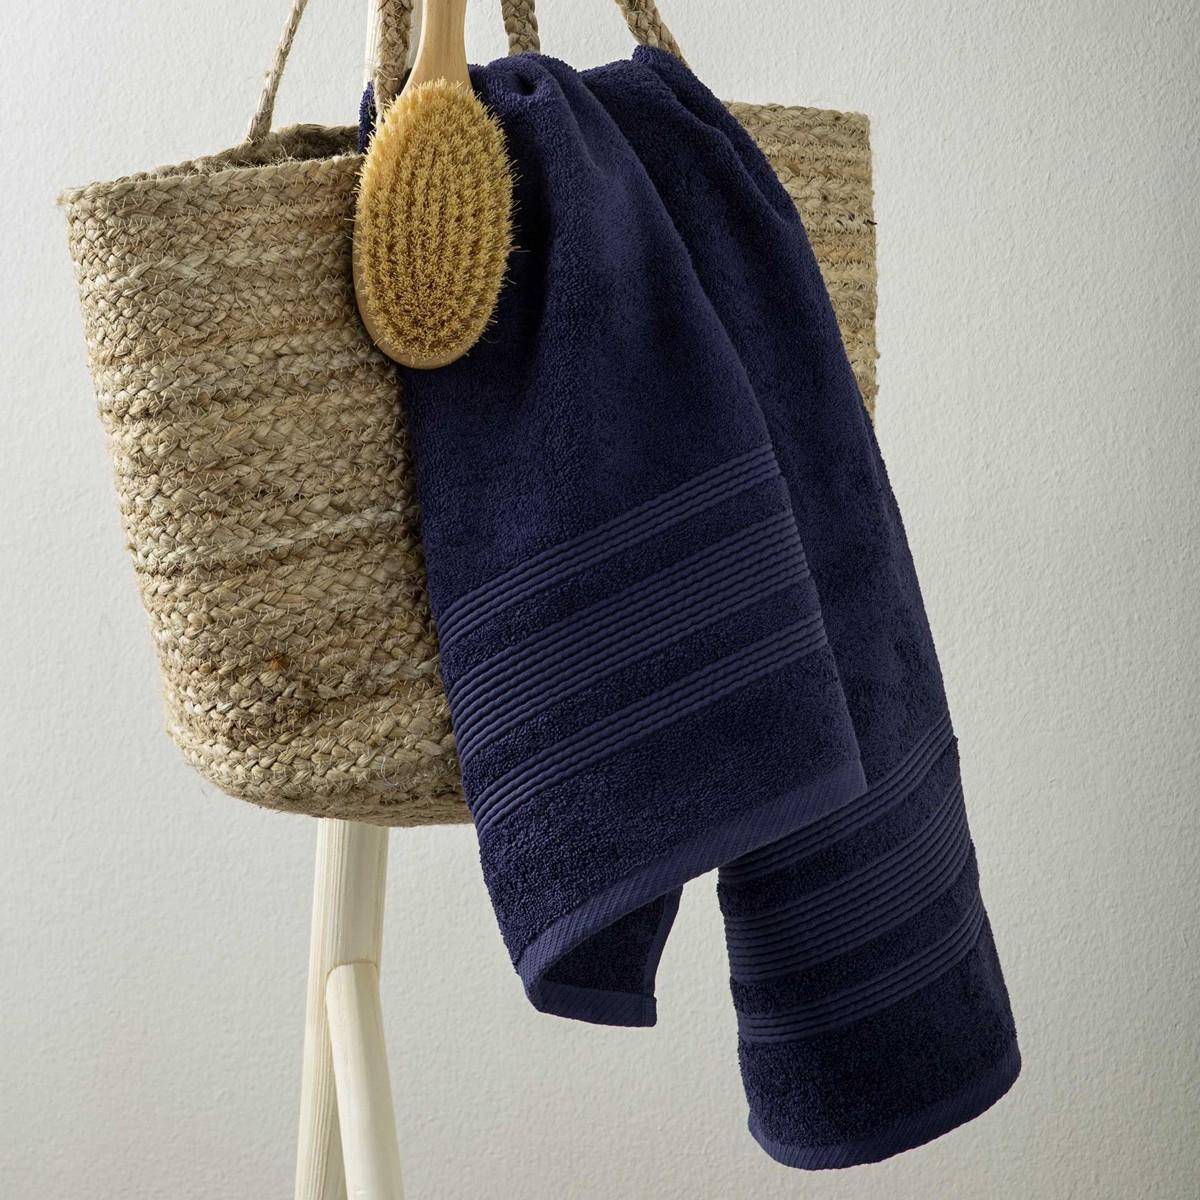 Πετσέτες Μπάνιου (Σετ 3τμχ) Nima Towels Mirage